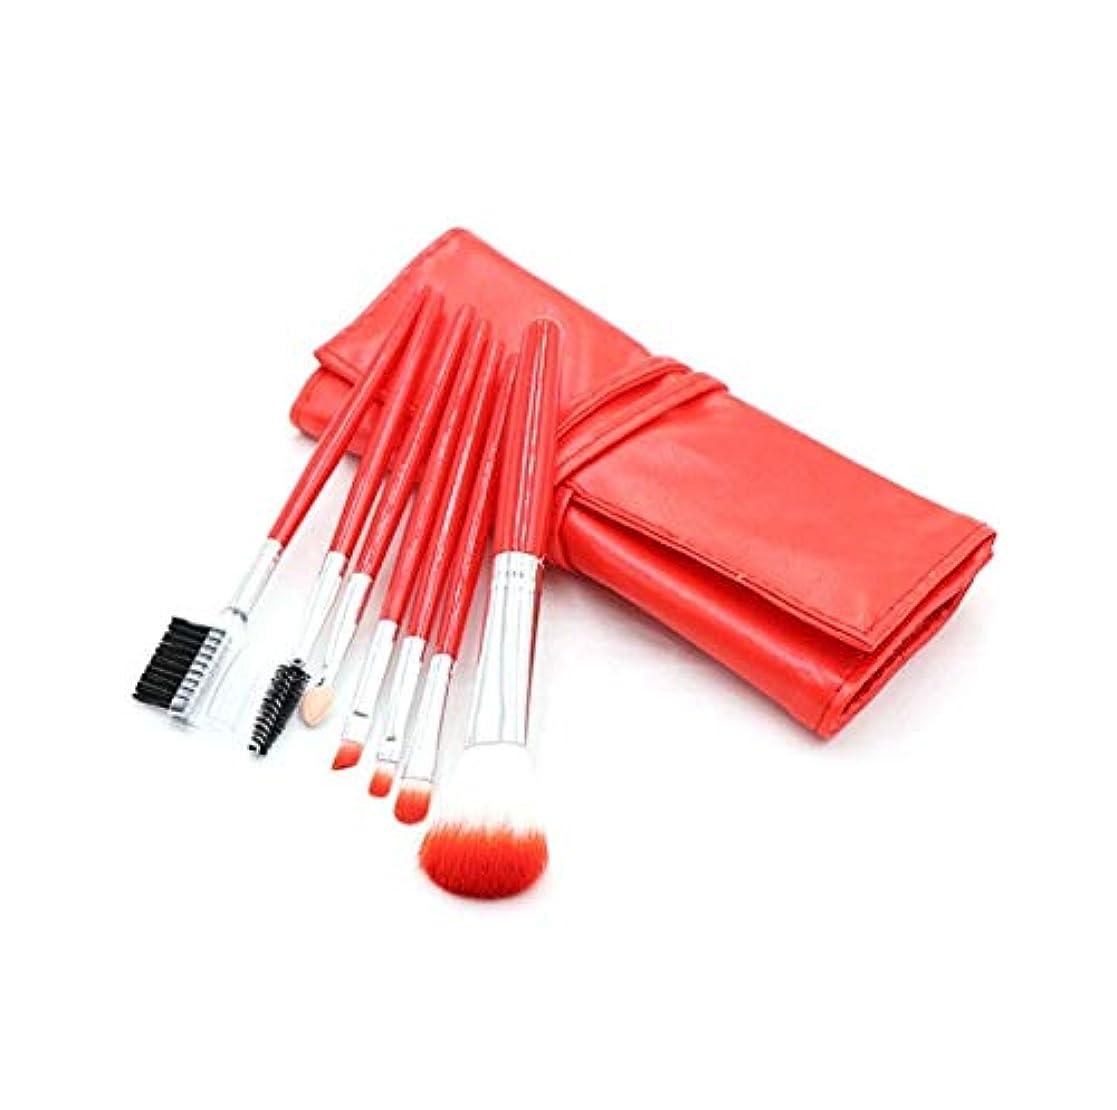 ムス推定仲間、同僚化粧ブラシセット、赤7化粧ブラシ化粧ブラシセットアイシャドウブラシリップブラシ美容化粧道具